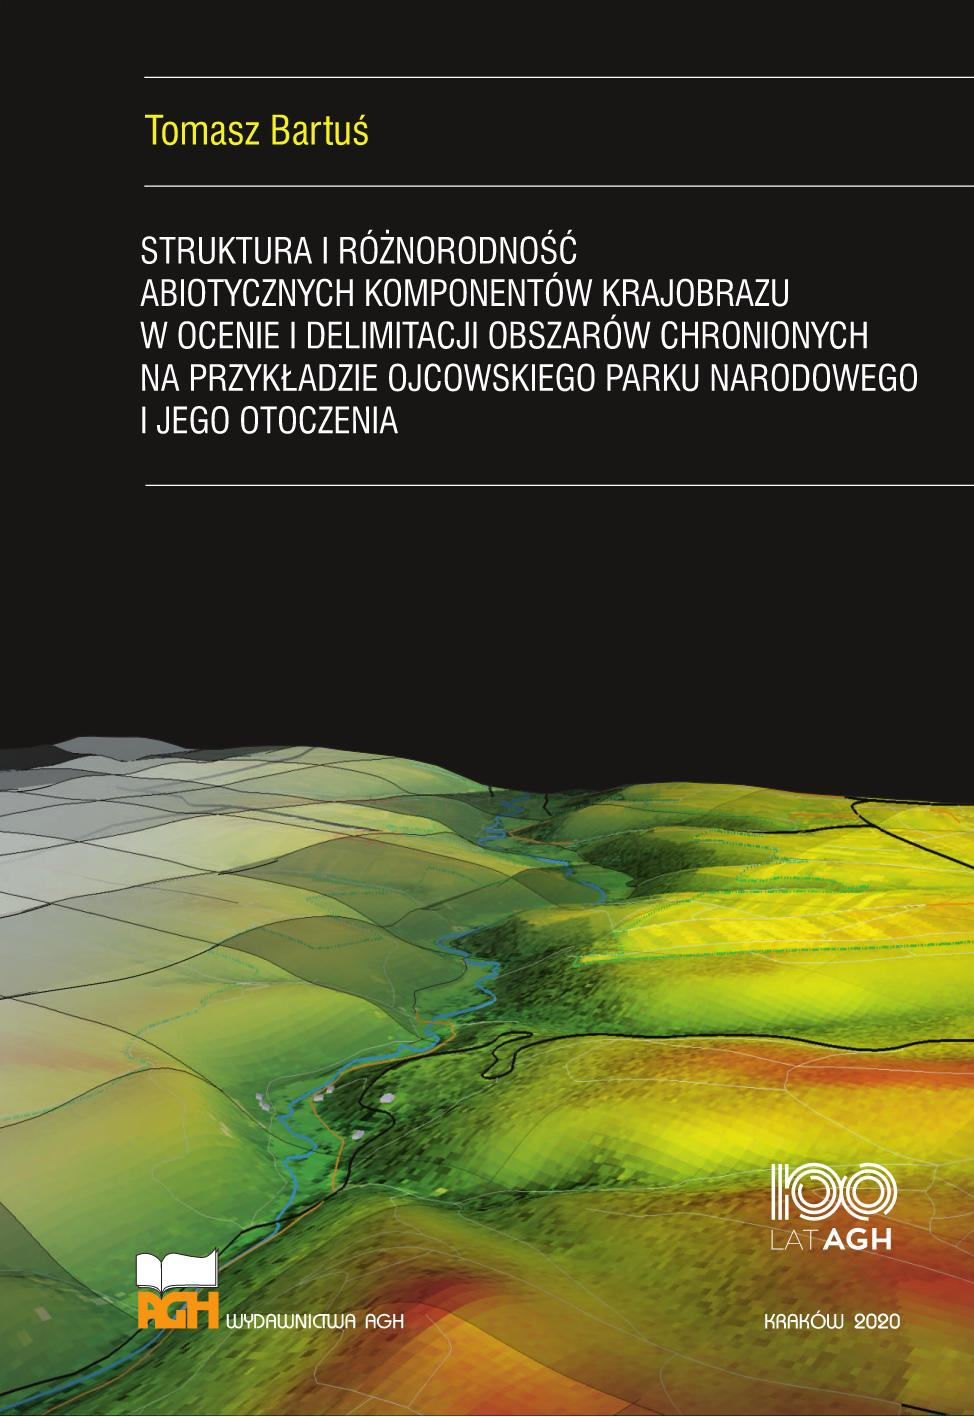 Struktura i różnorodność abiotycznych komponentów krajobrazu w ocenie i delimitacji obszarów chronionych na przykładzie Ojcowskiego Parku Narodowego i jego otoczenia